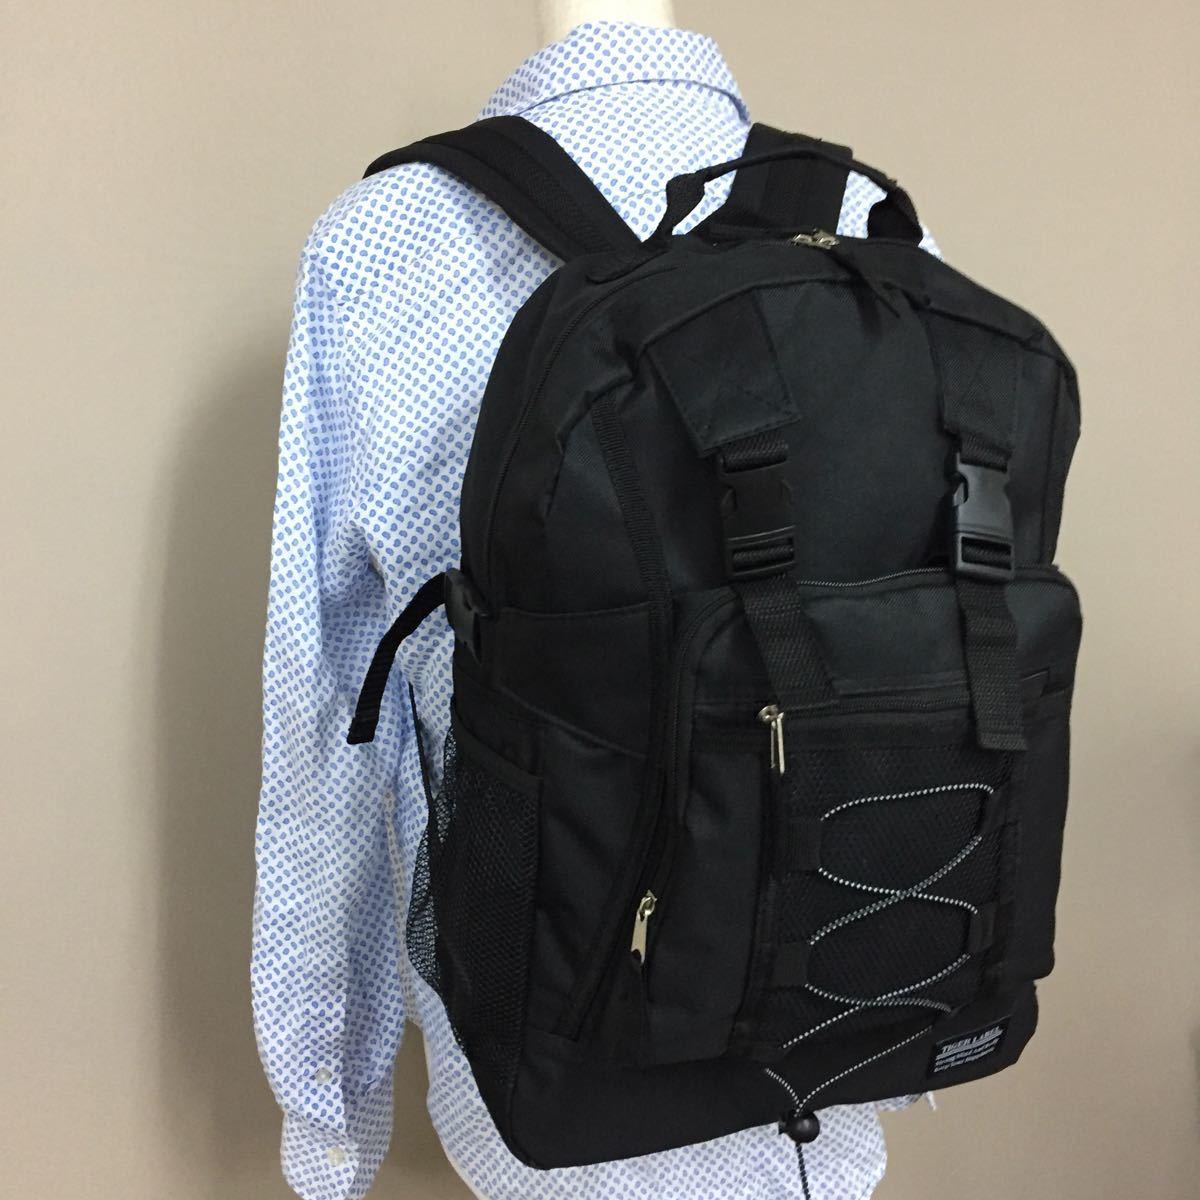 リュック メンズ レディース リュックサック バックパック  通勤 通学 旅行 防災 防災リュック 防災バッグ 新品 黒 ブラック